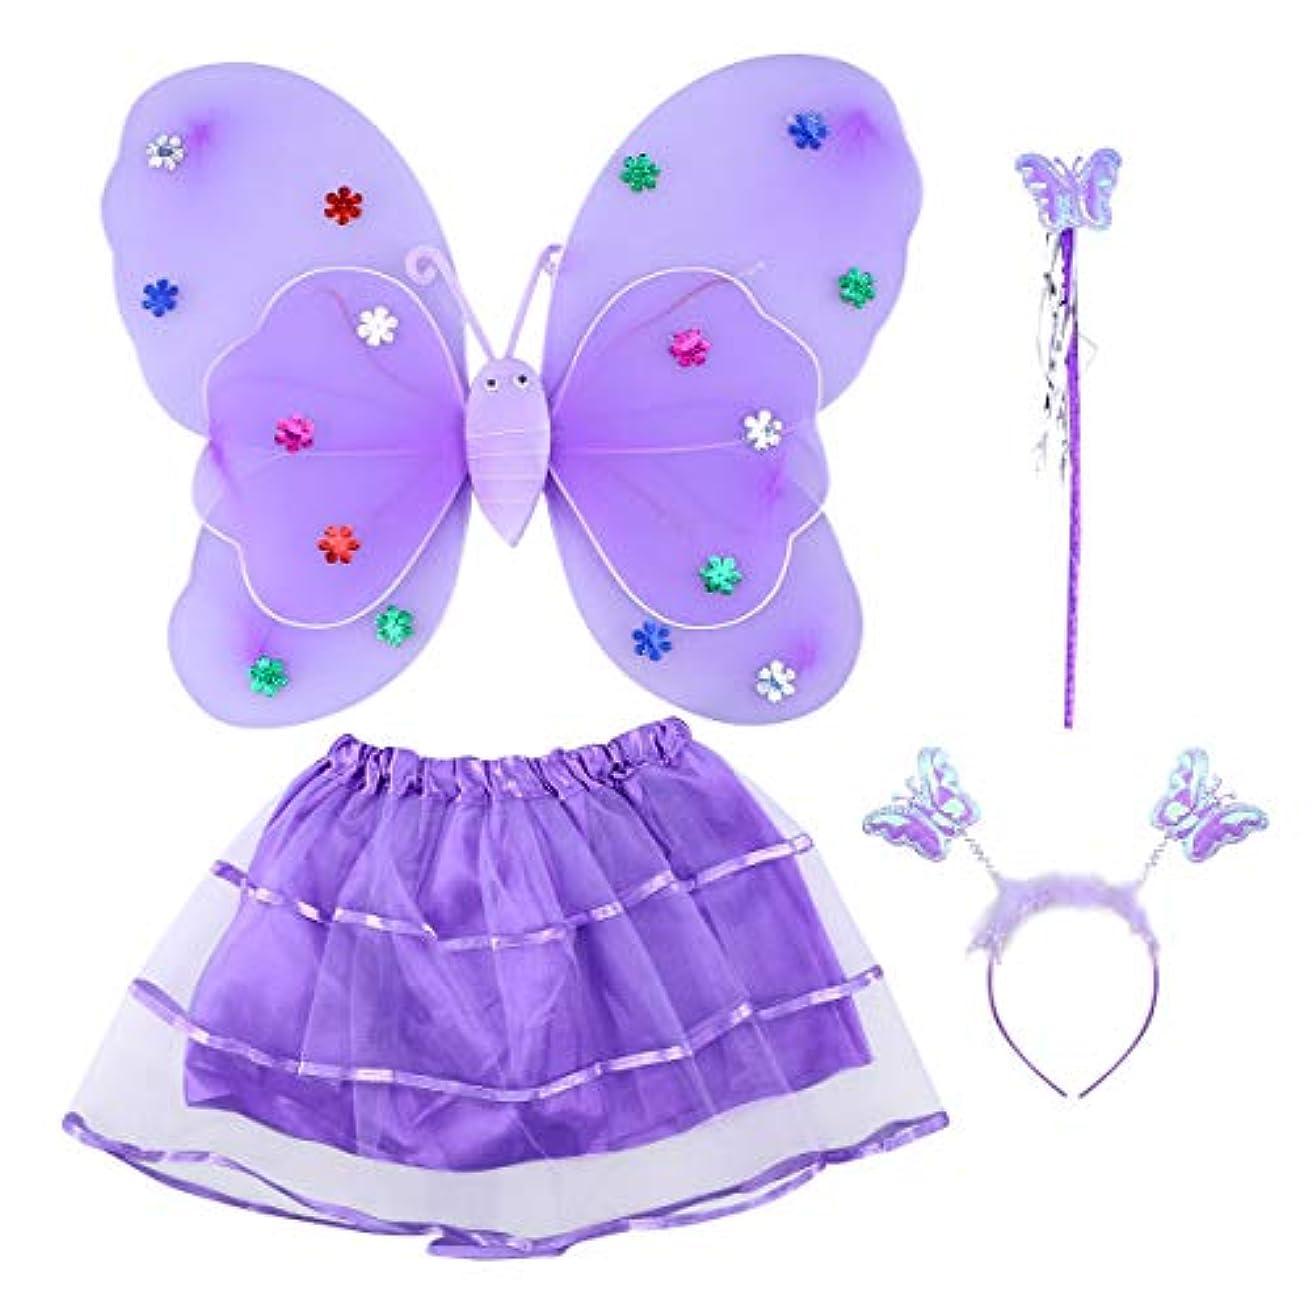 有利ジョセフバンクス到着するBESTOYARD 4本の女の子のチュチュスカート蝶の羽の杖LEDライトフェアリーコスチュームセット二重層蝶の羽の杖ヘッドバンドパーティーコスチュームセット(パープル)